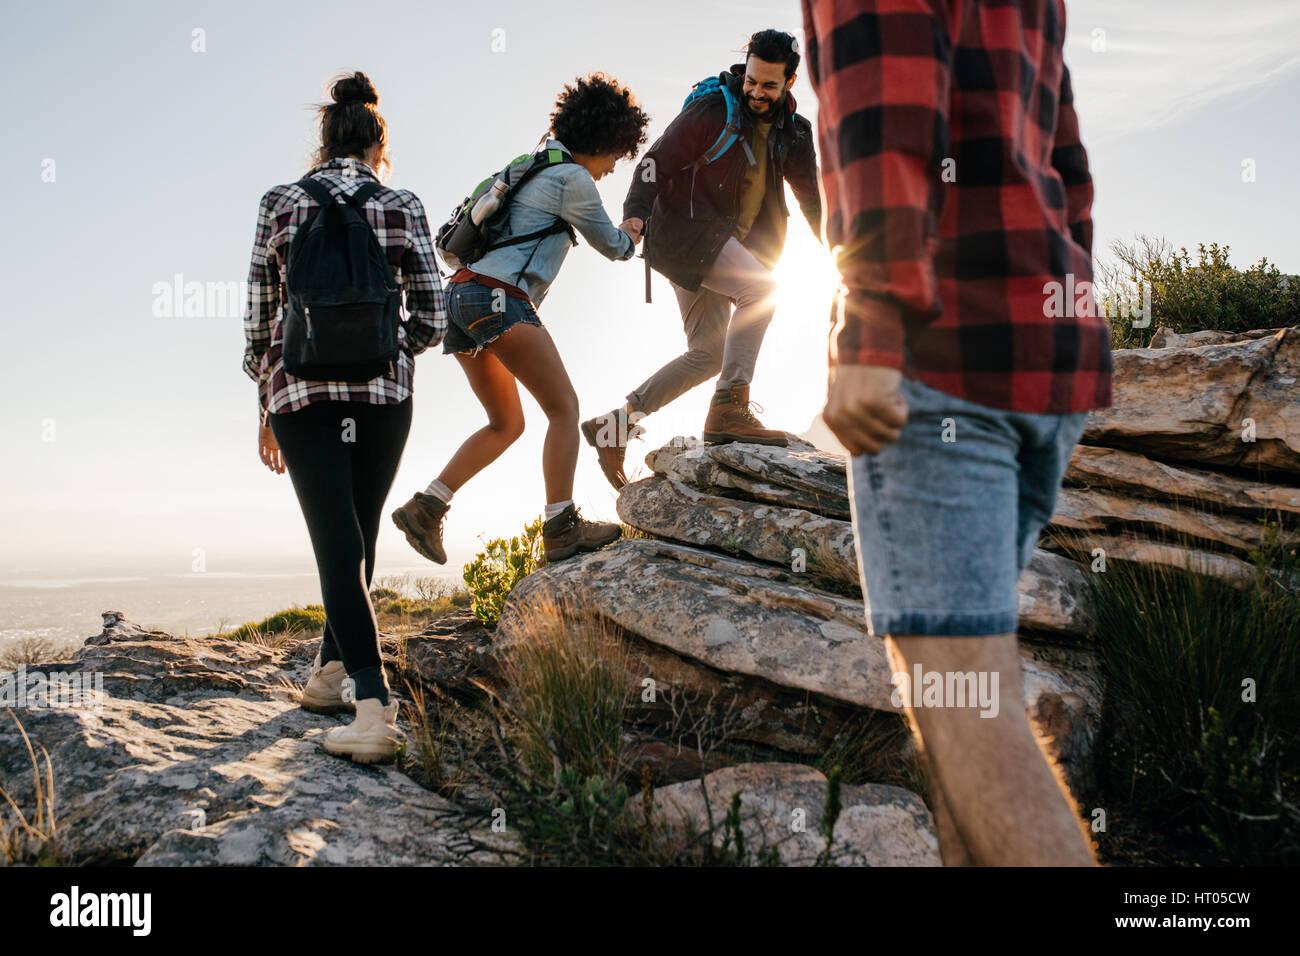 Groupe de randonneurs avec des sacs de marcher sur une montagne. Quatre amis, faire une excursion dans la nature. Photo Stock